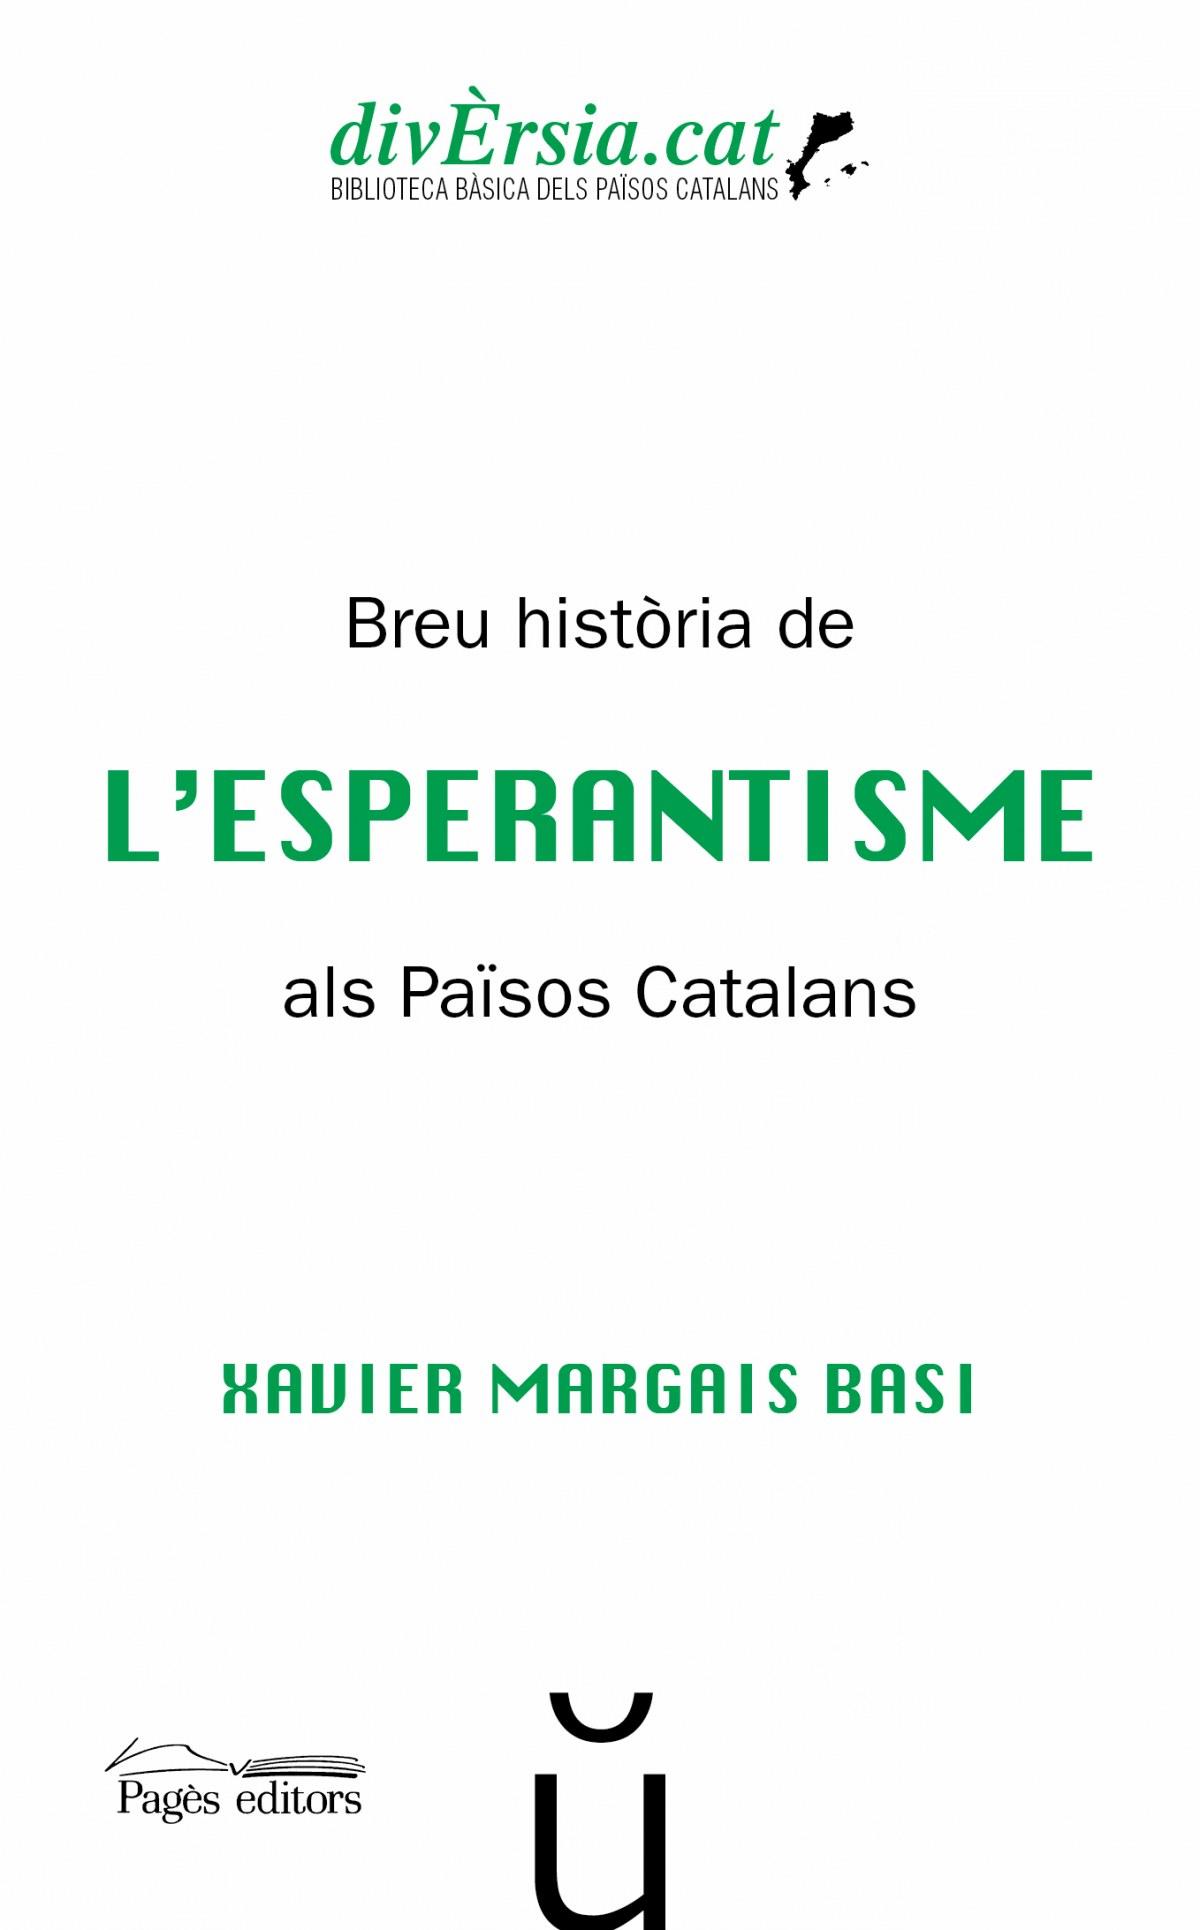 Breu hist.ria de l'Esperantisme als Països Catalans